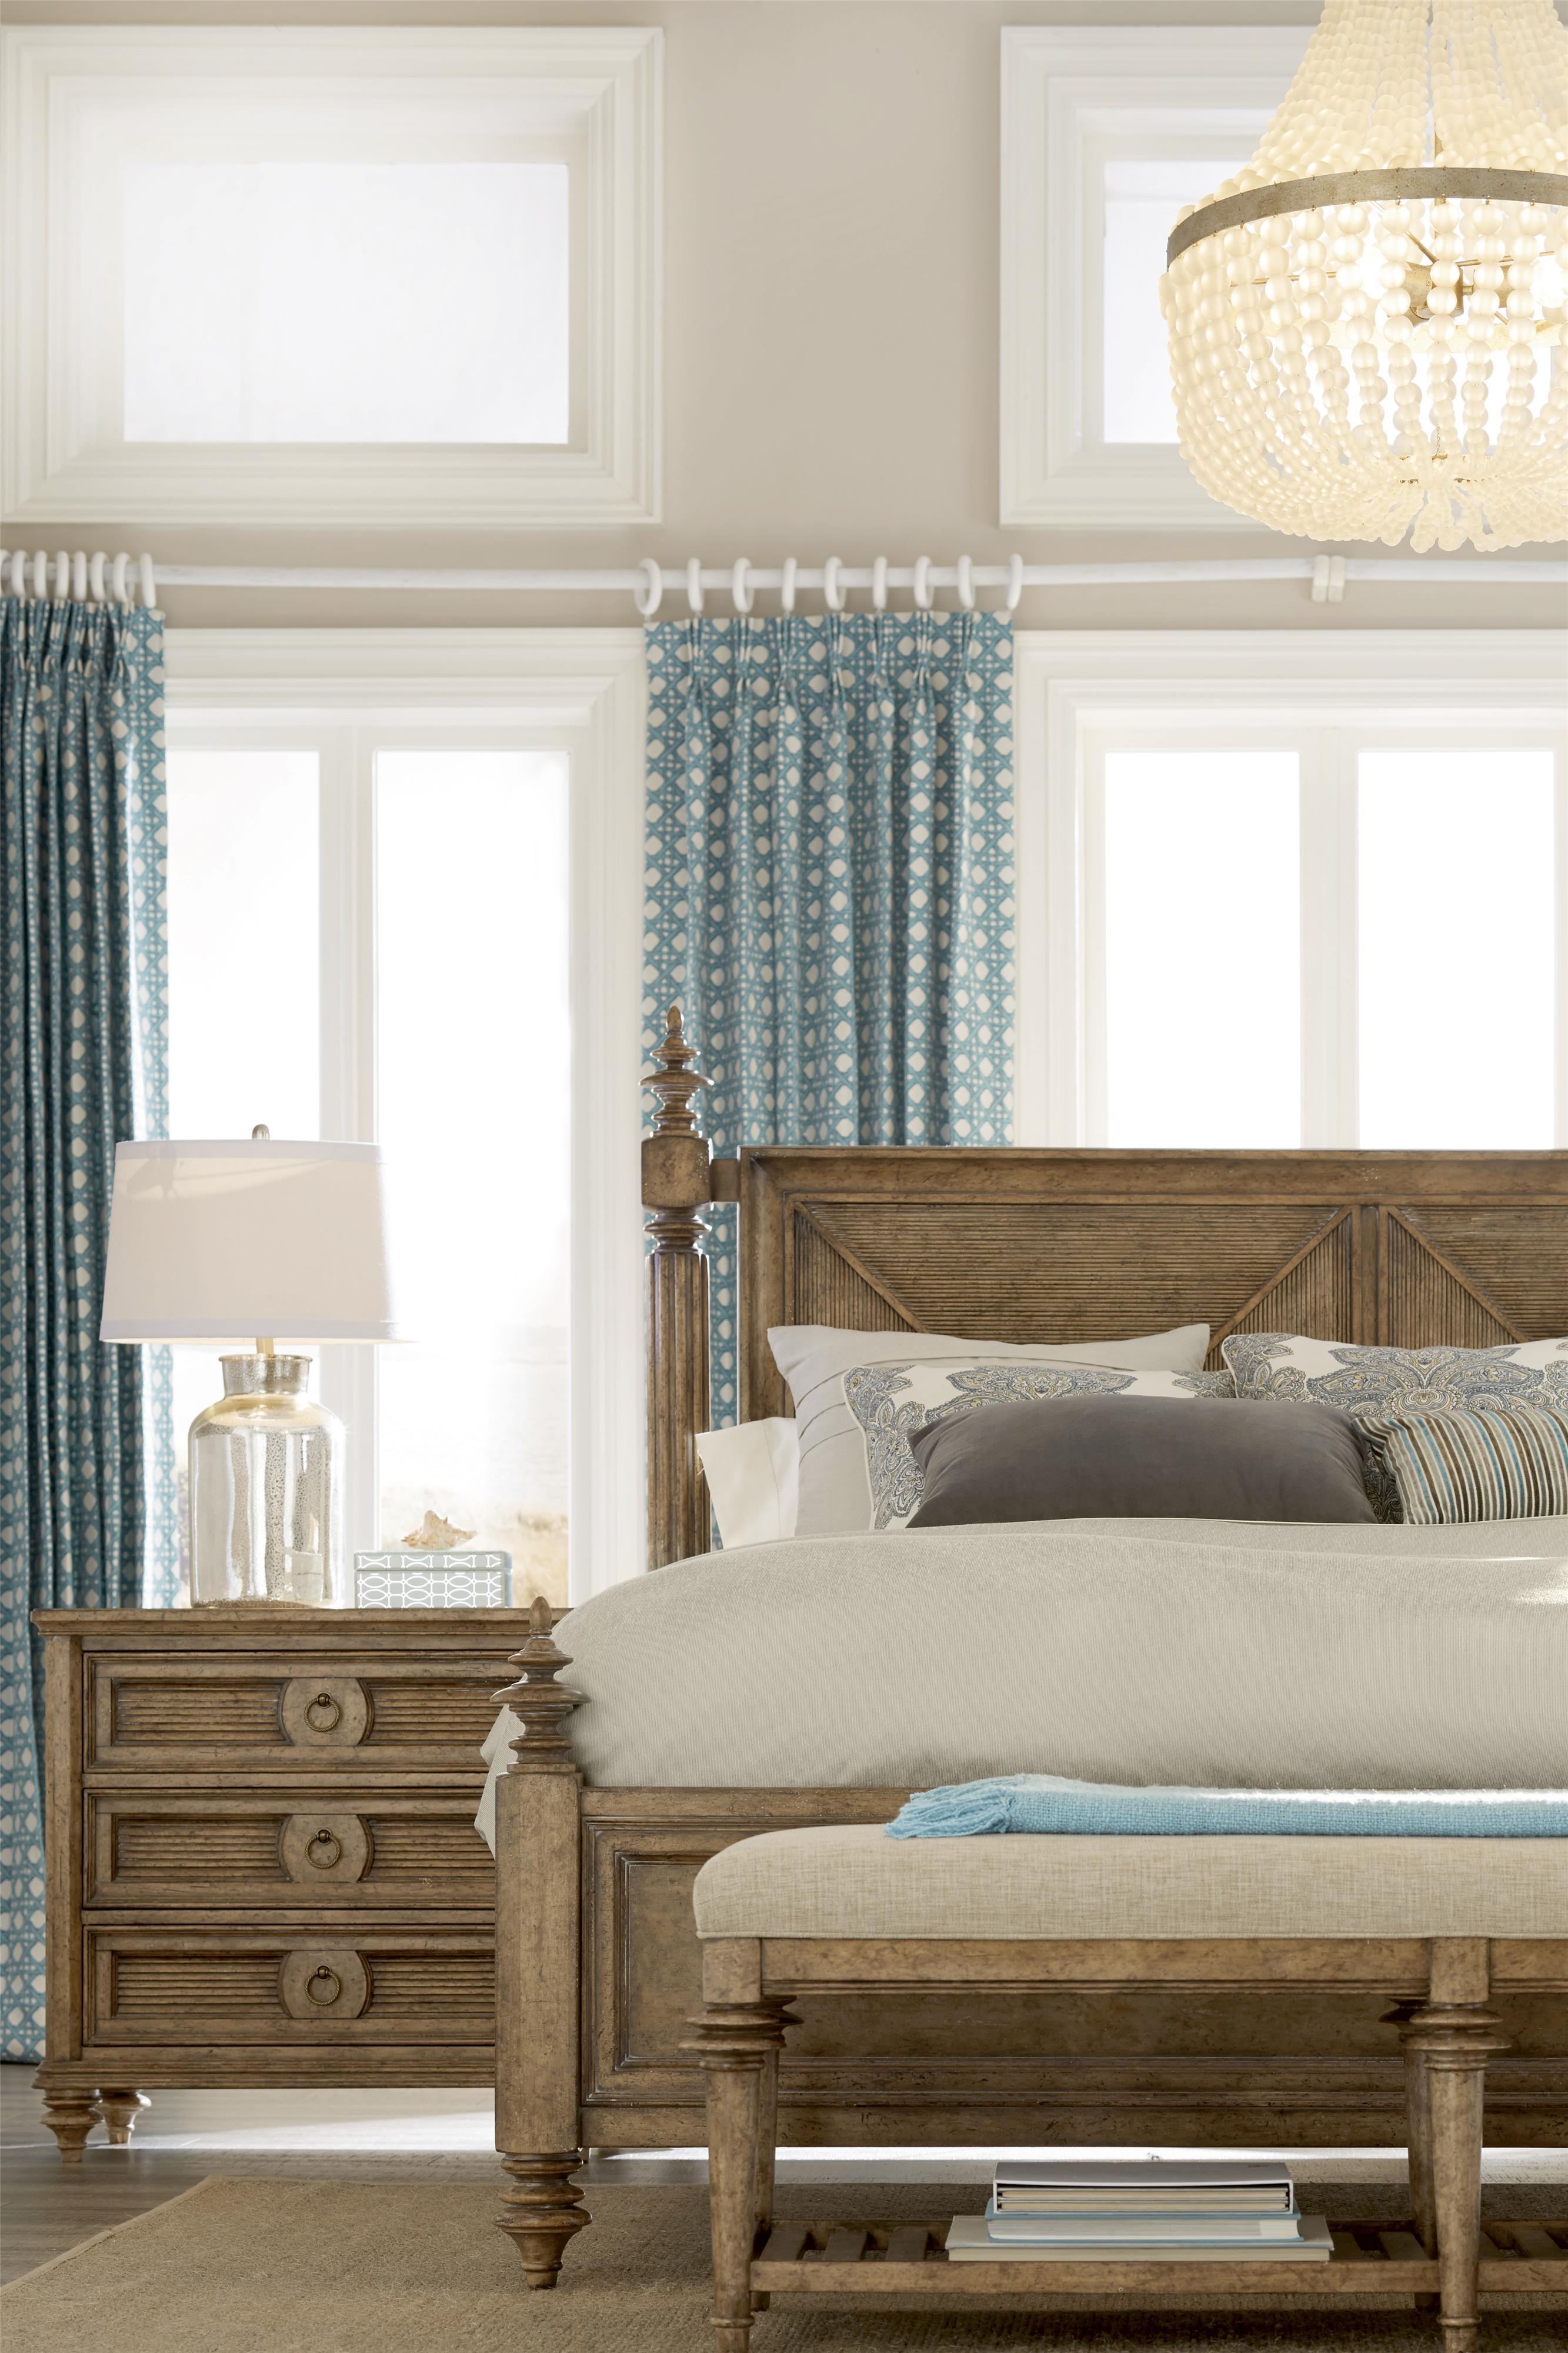 A.R.T. Furniture Inc Pavilion King Bedroom Group - Item Number: 229000-2608 K Bedroom Group 4